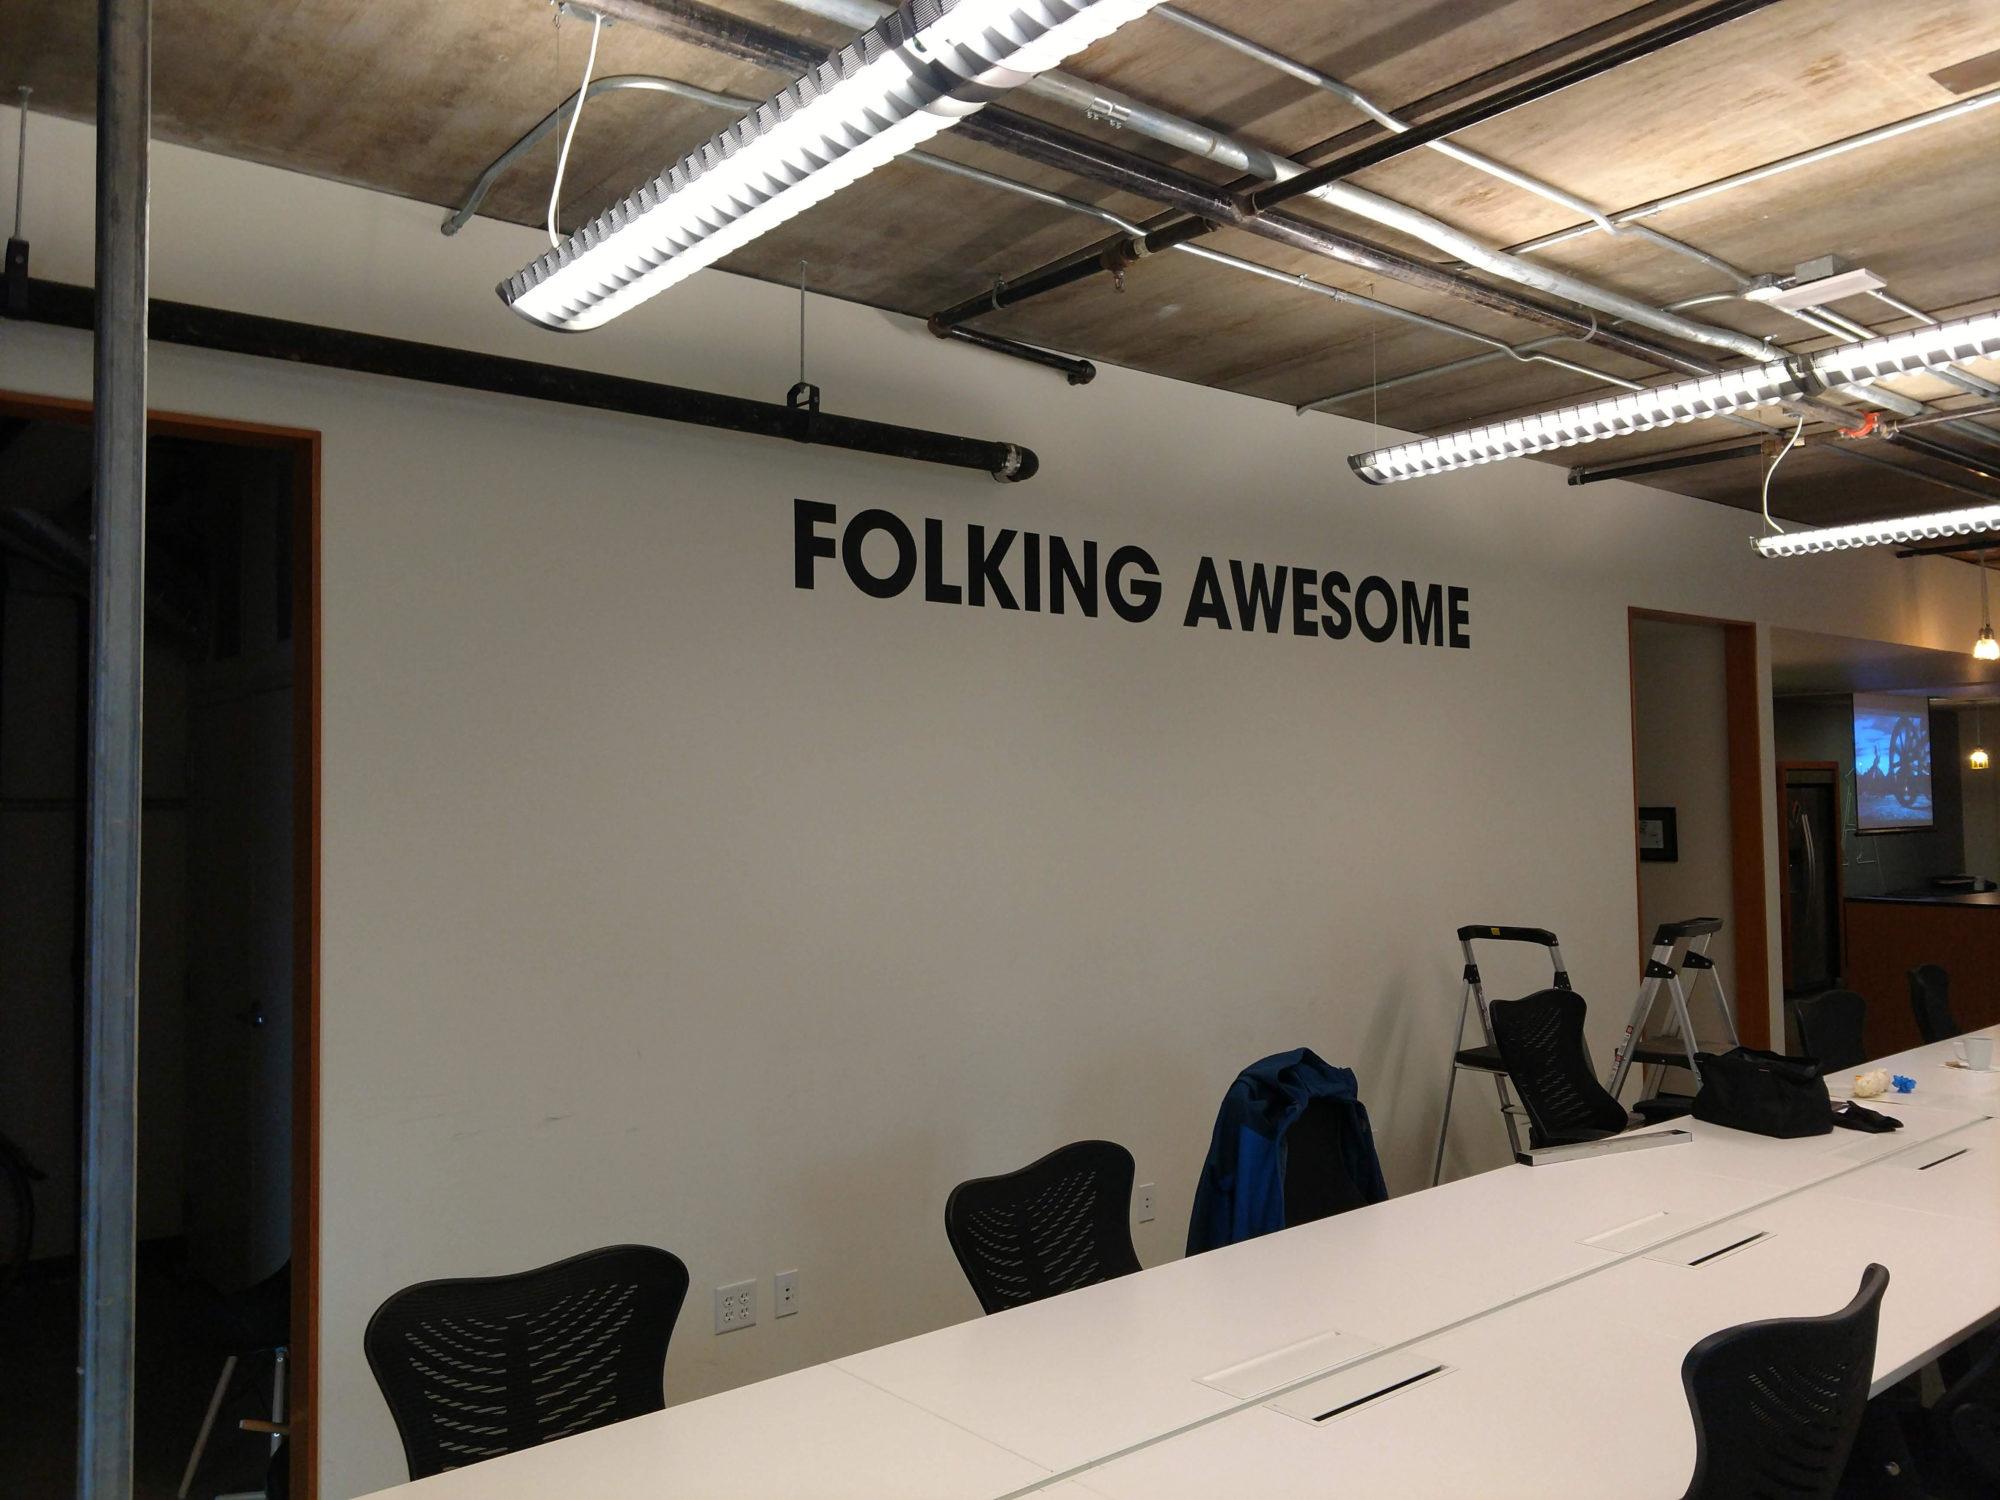 FOlkingAwesome